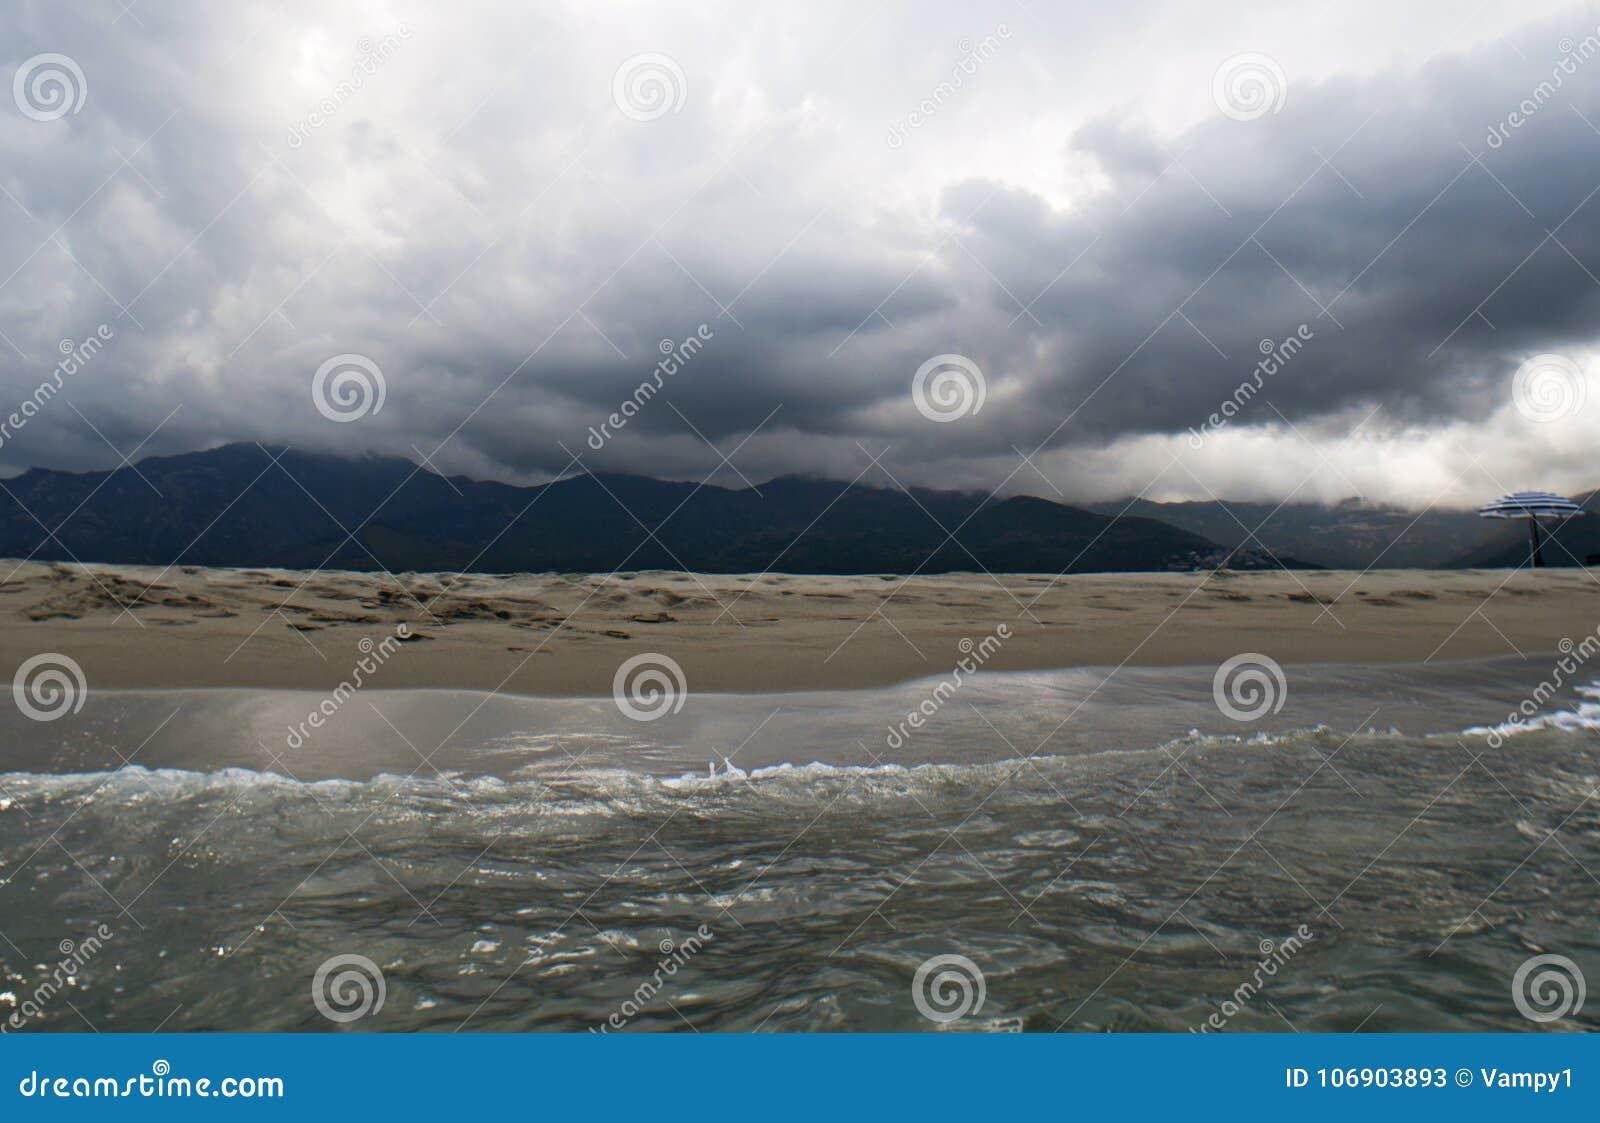 Pogoda sztormowa, plaża, morze, linia horyzontu, góra, Corsica, Haute Corse, Francja, Europa, wyspa